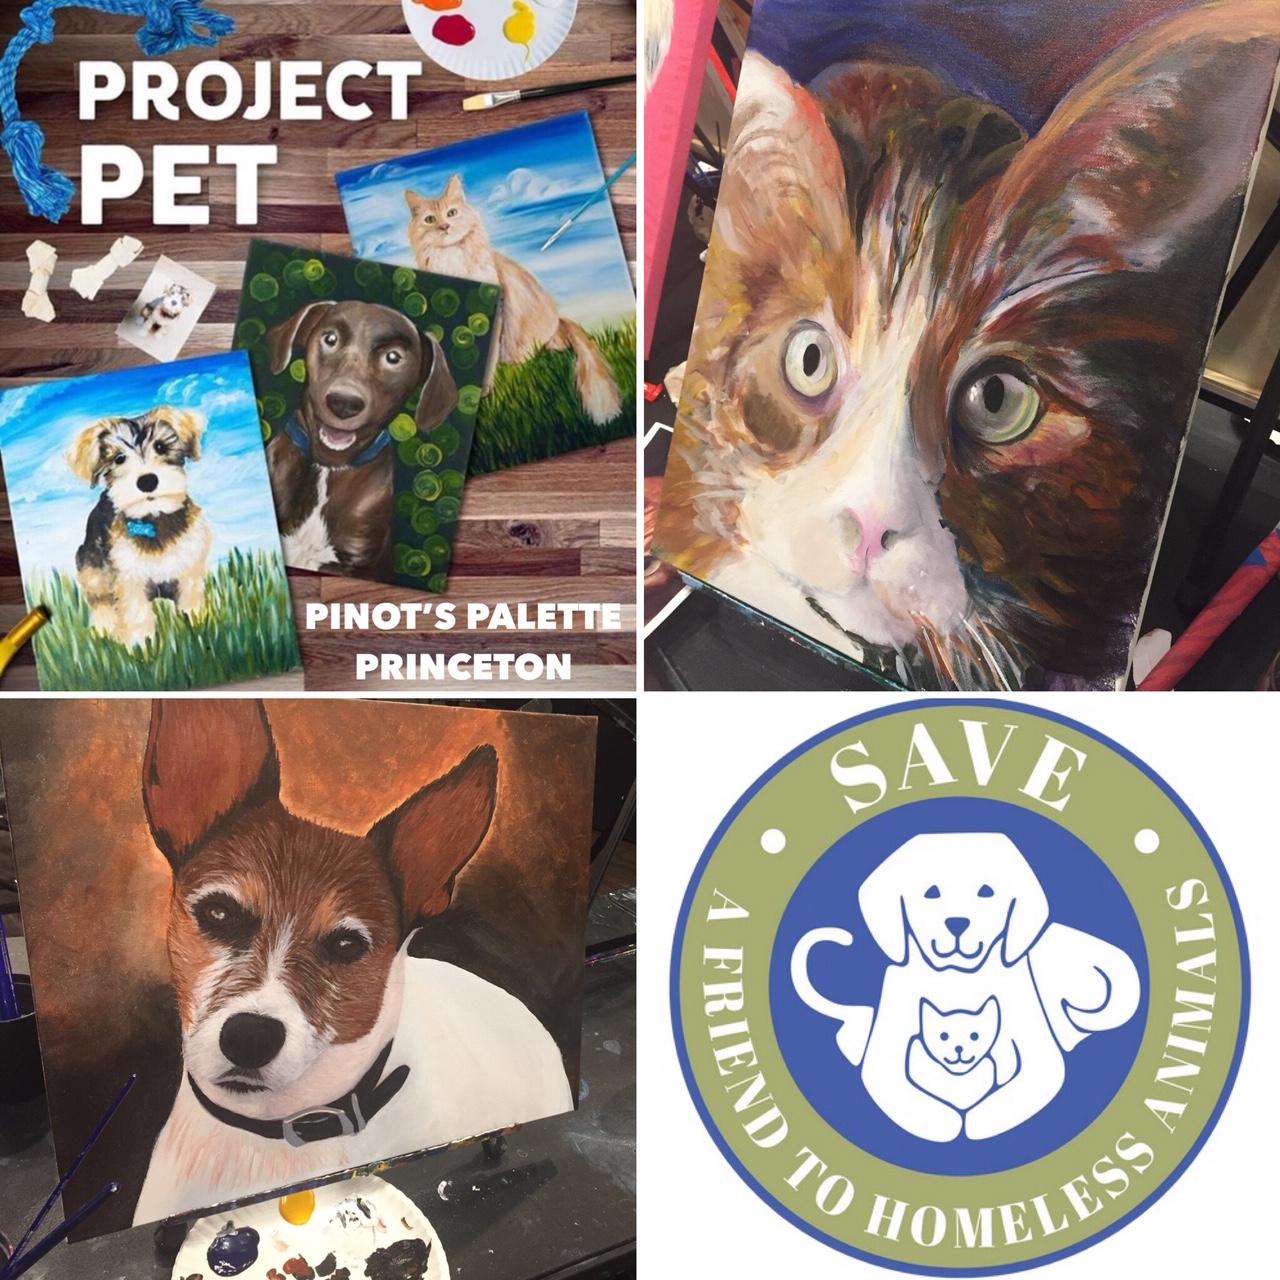 Project Pet